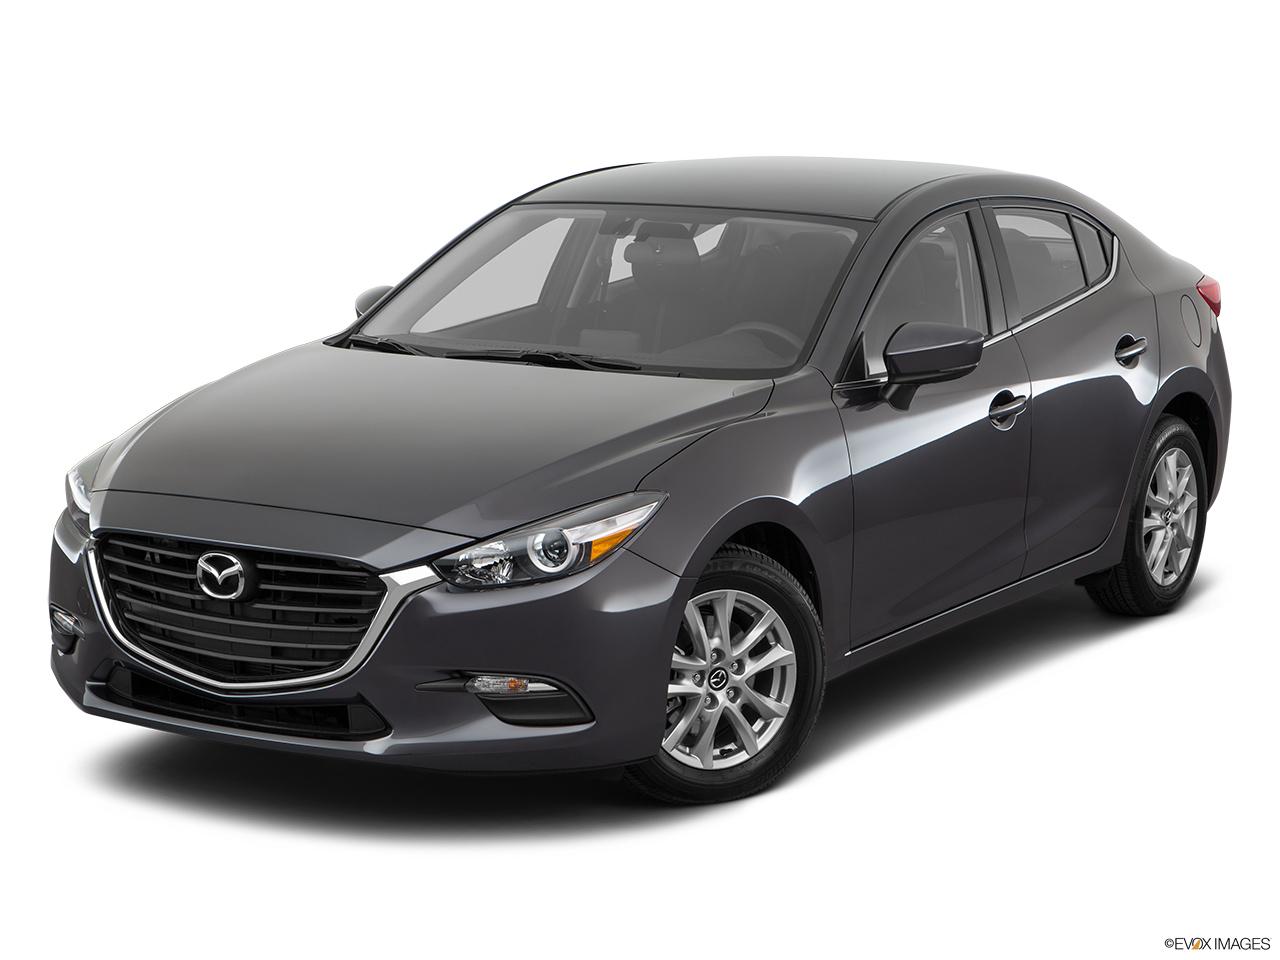 Kelebihan Mazda 3 Sedan 2017 Harga